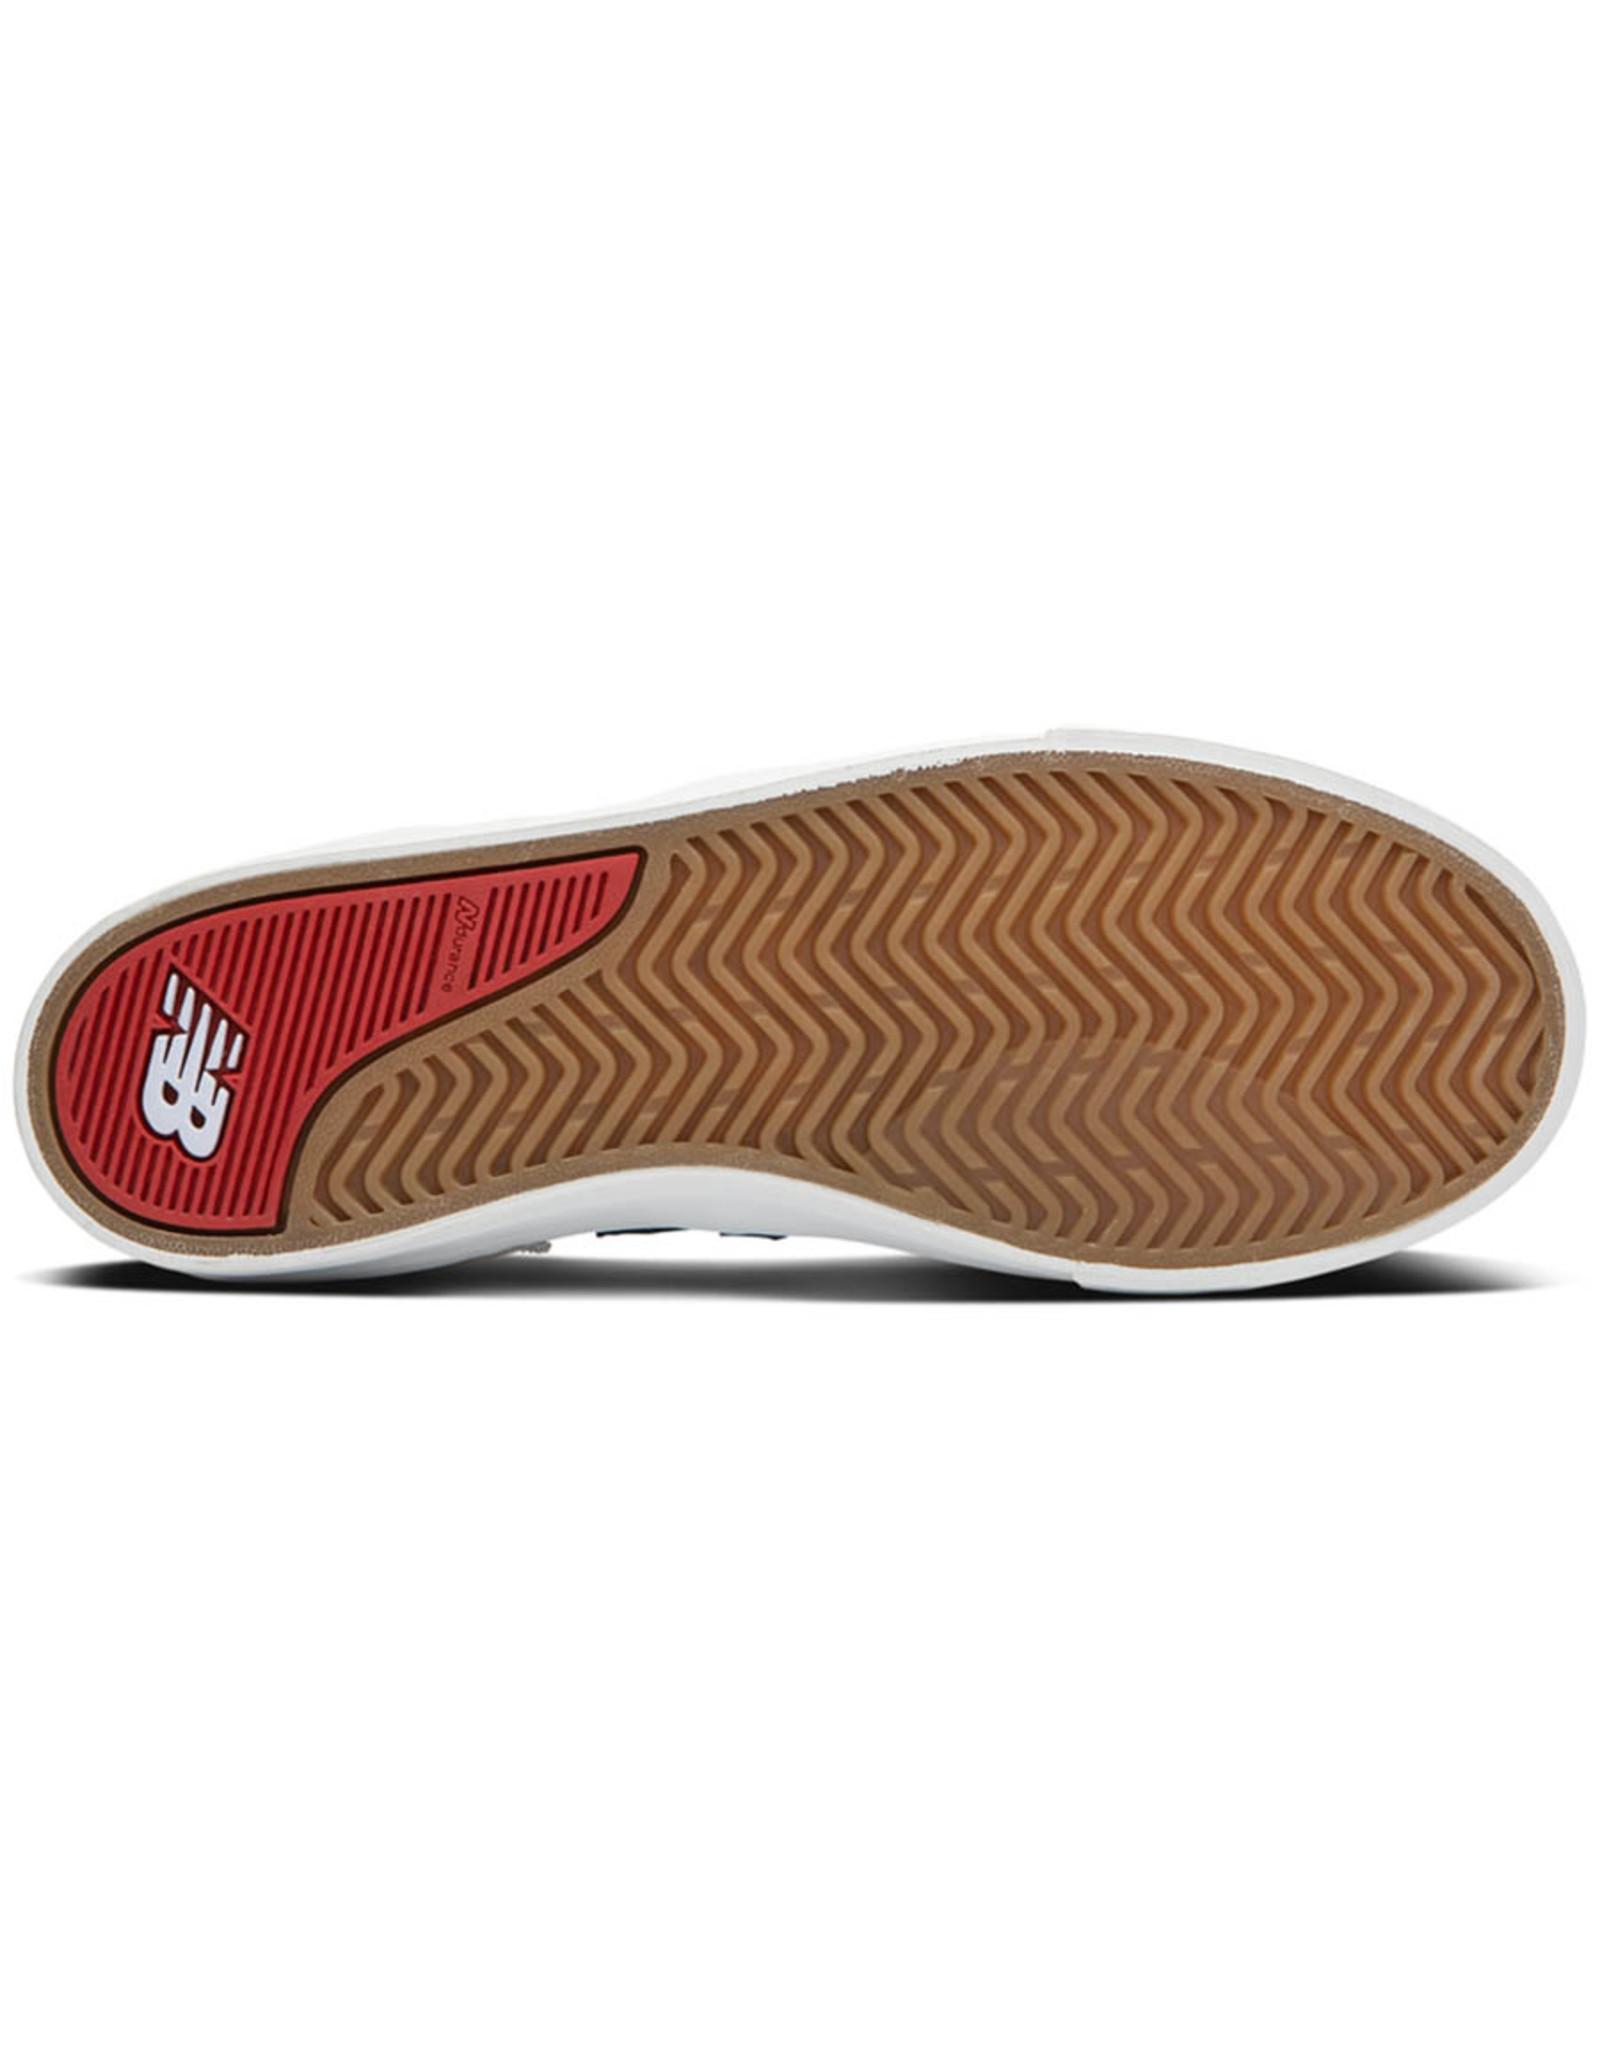 New Balance Numeric New Balance Numeric Shoe 306 Jamie Foy (White/Red)